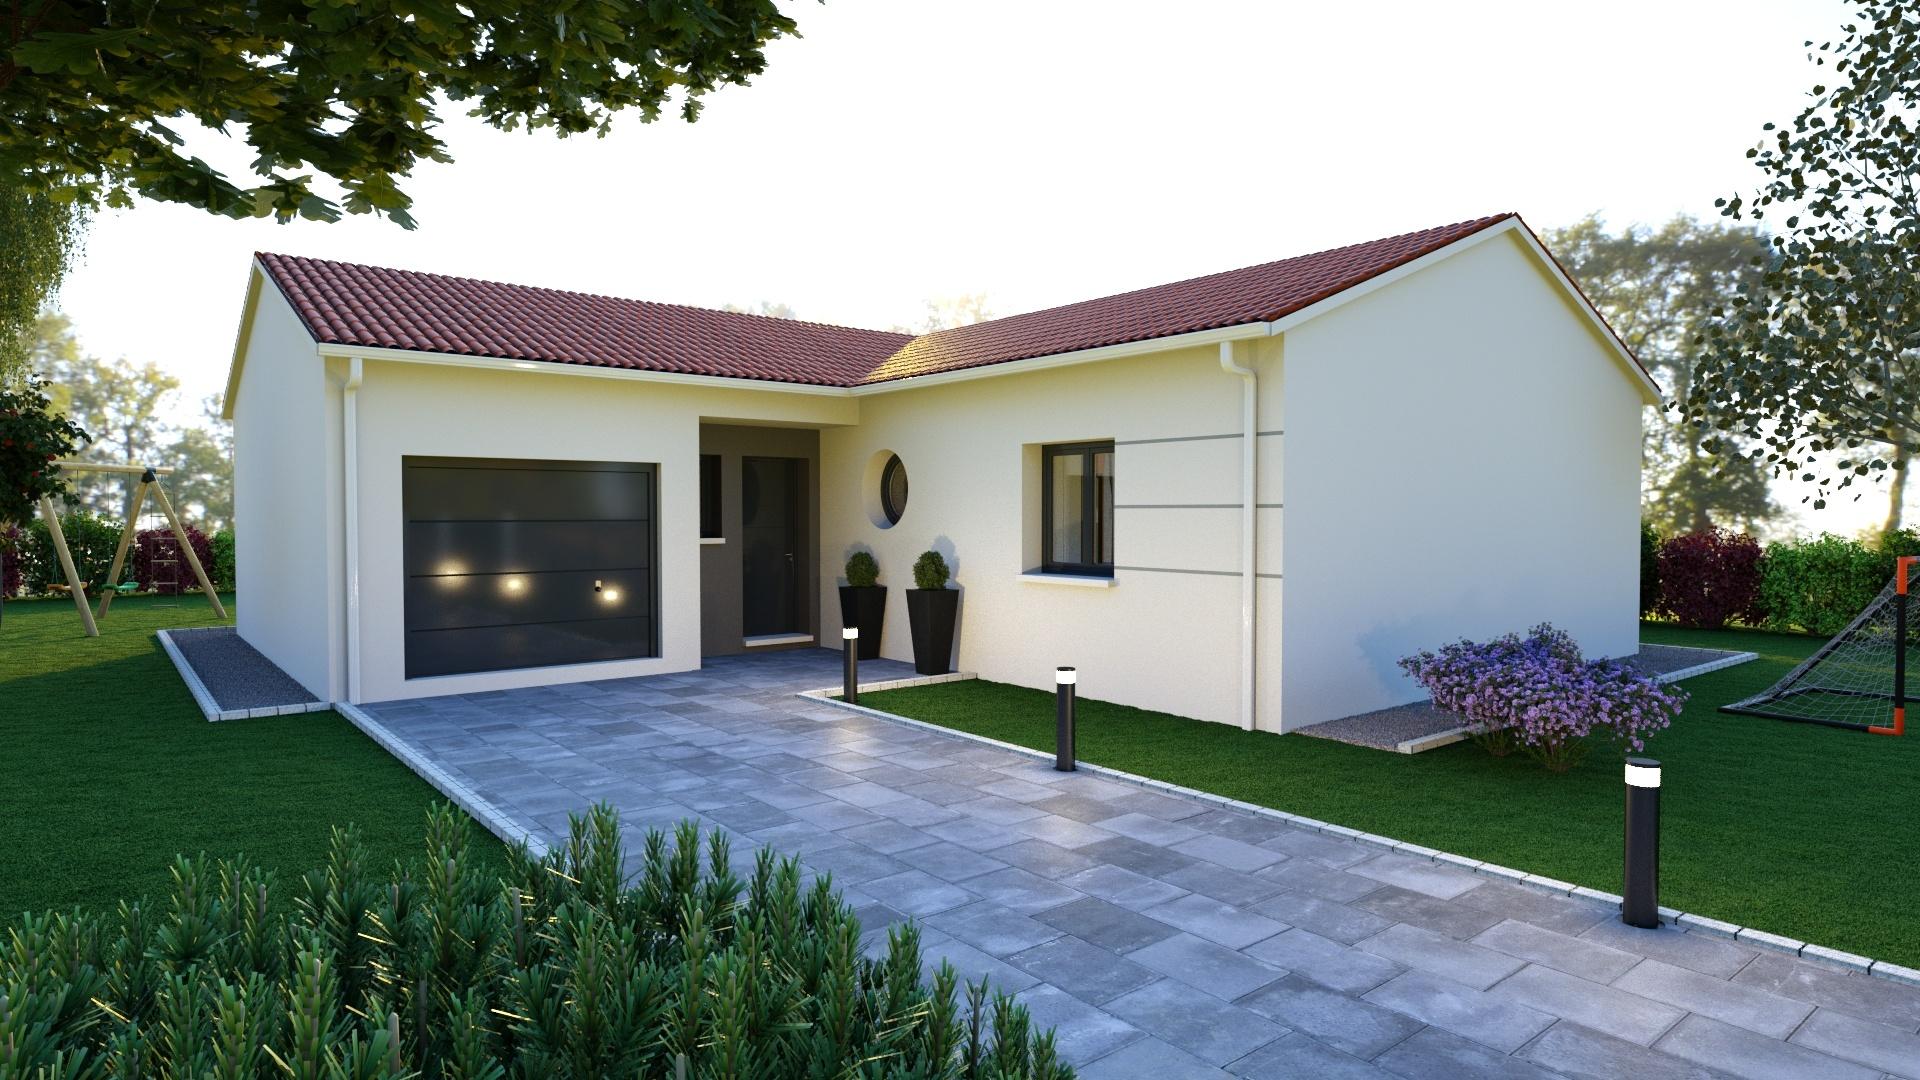 Maisons + Terrains du constructeur MAISONS D EN FRANCE - MONISTROL SUR LOIRE • 90 m² • CAYRES